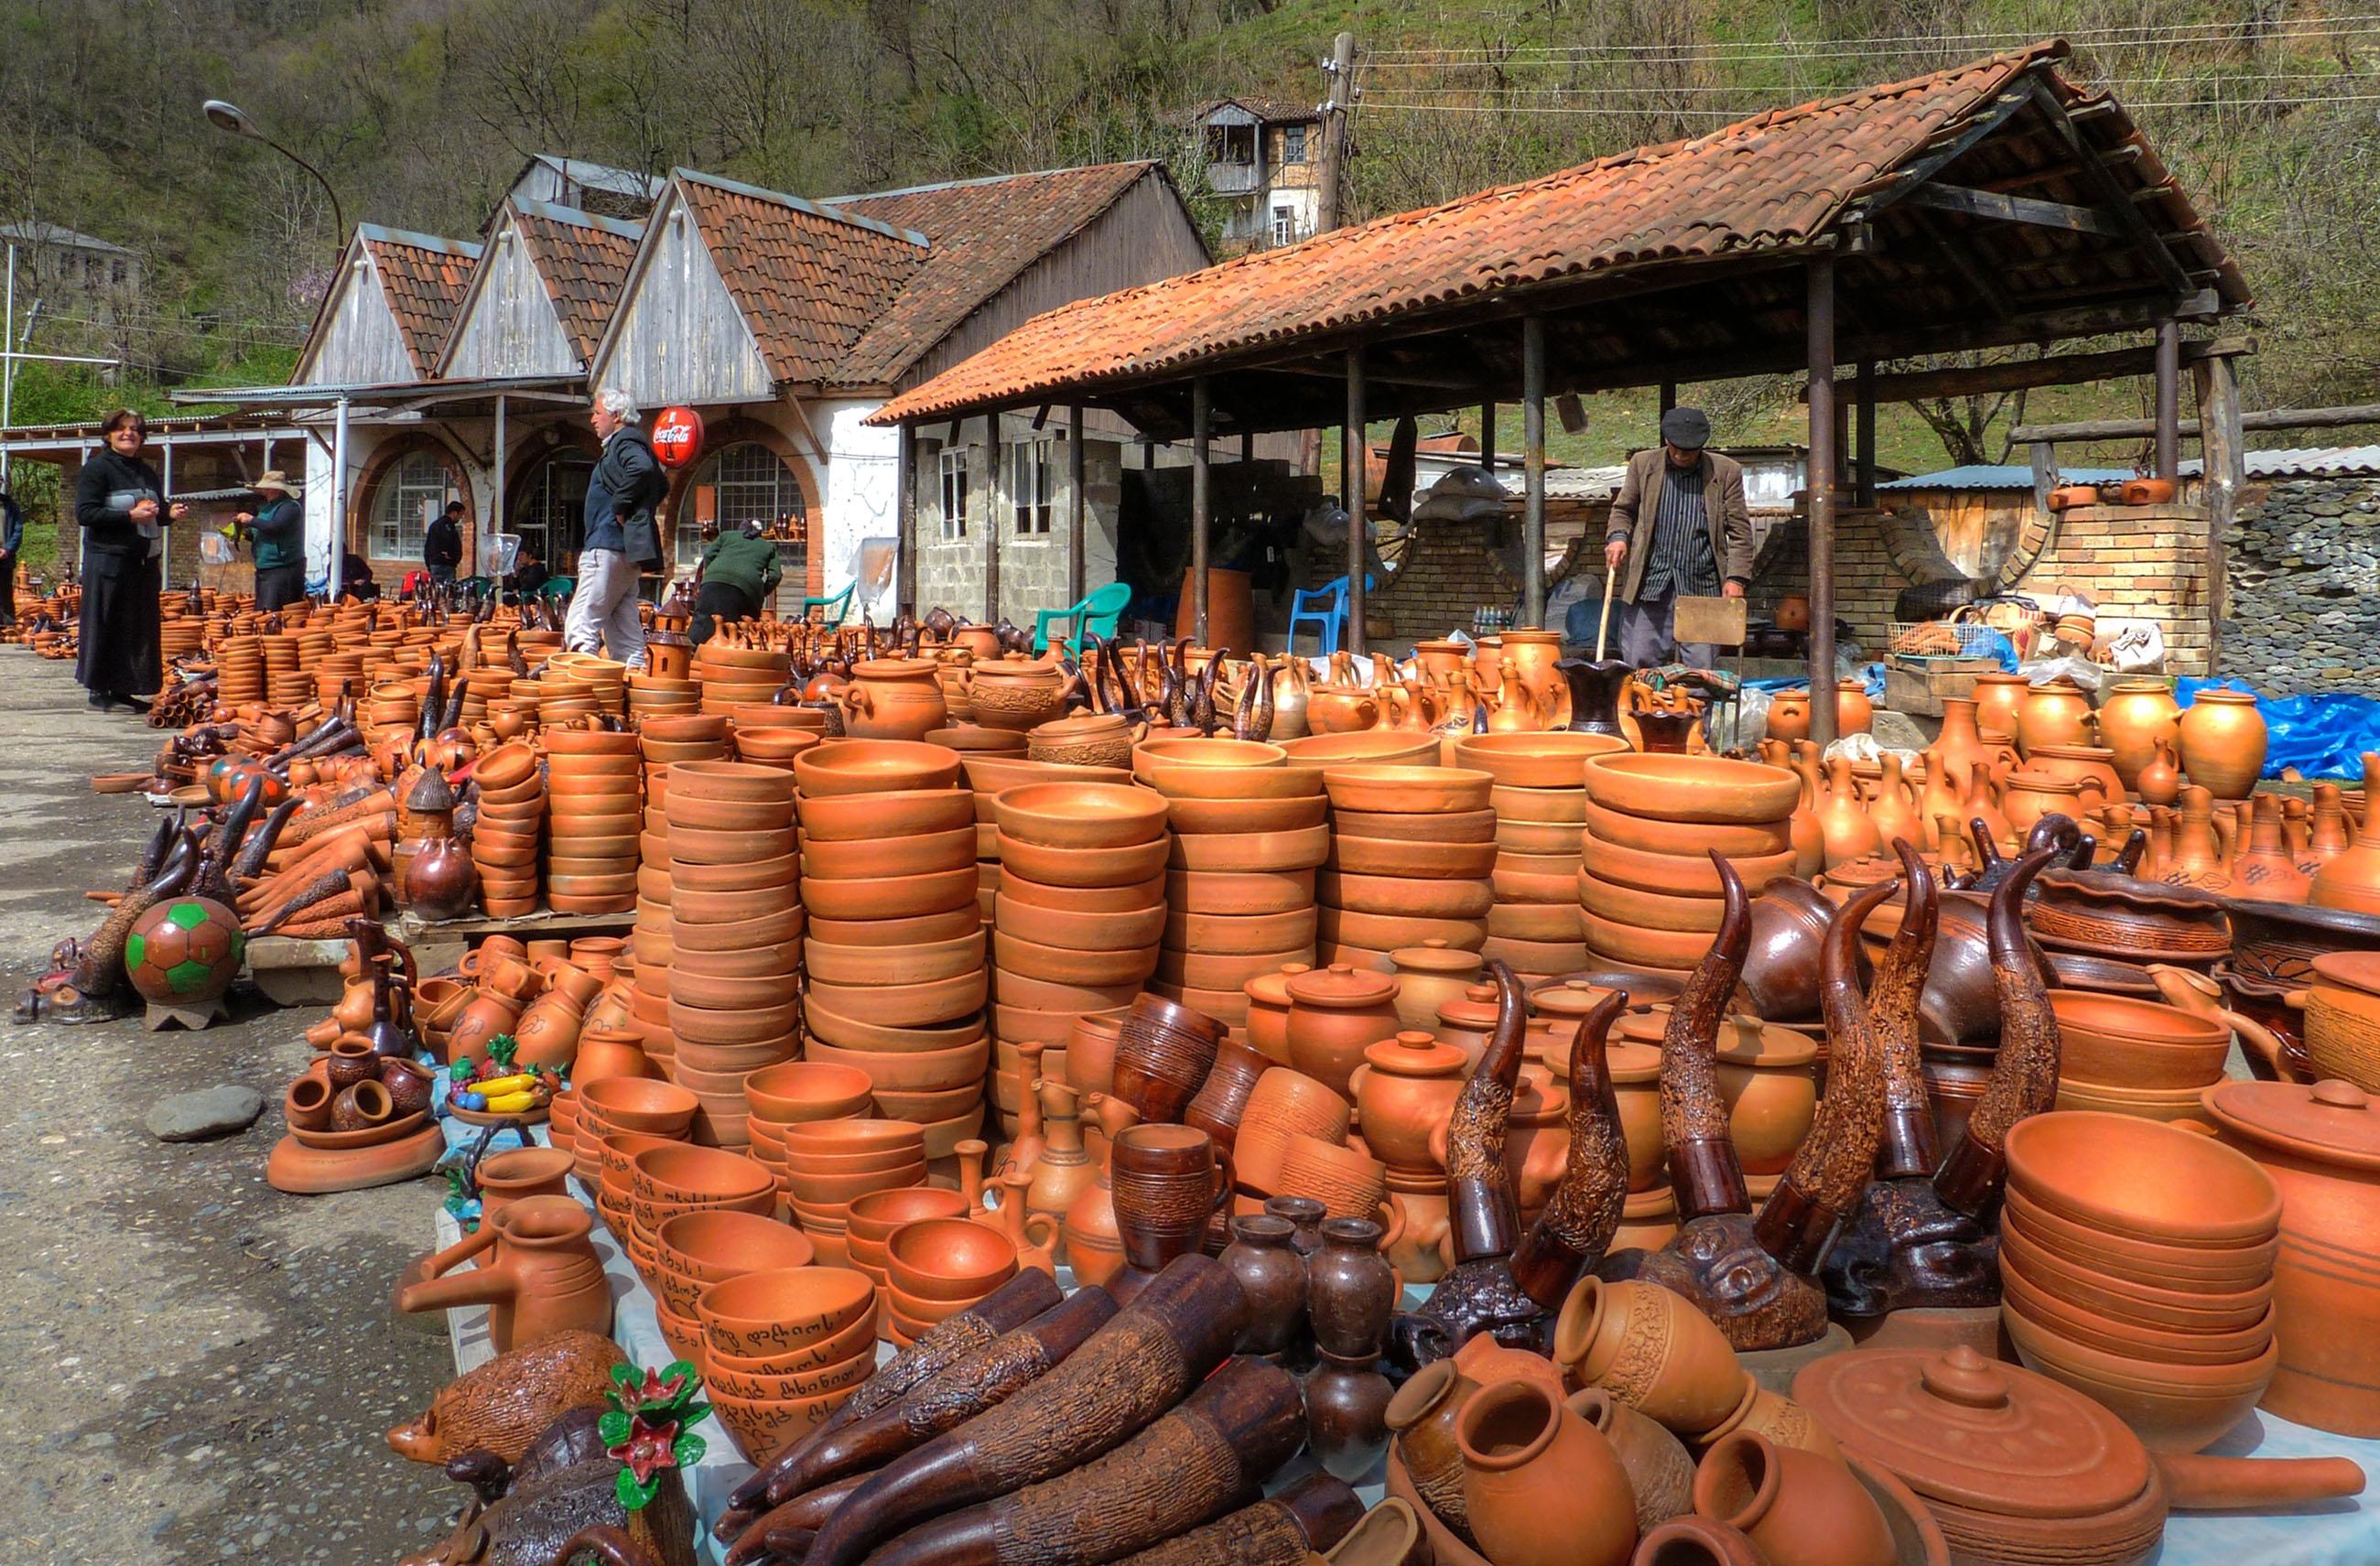 جورجيا كوتايسي افضل اماكن التسوق والمطاعم سوق كوتايسي